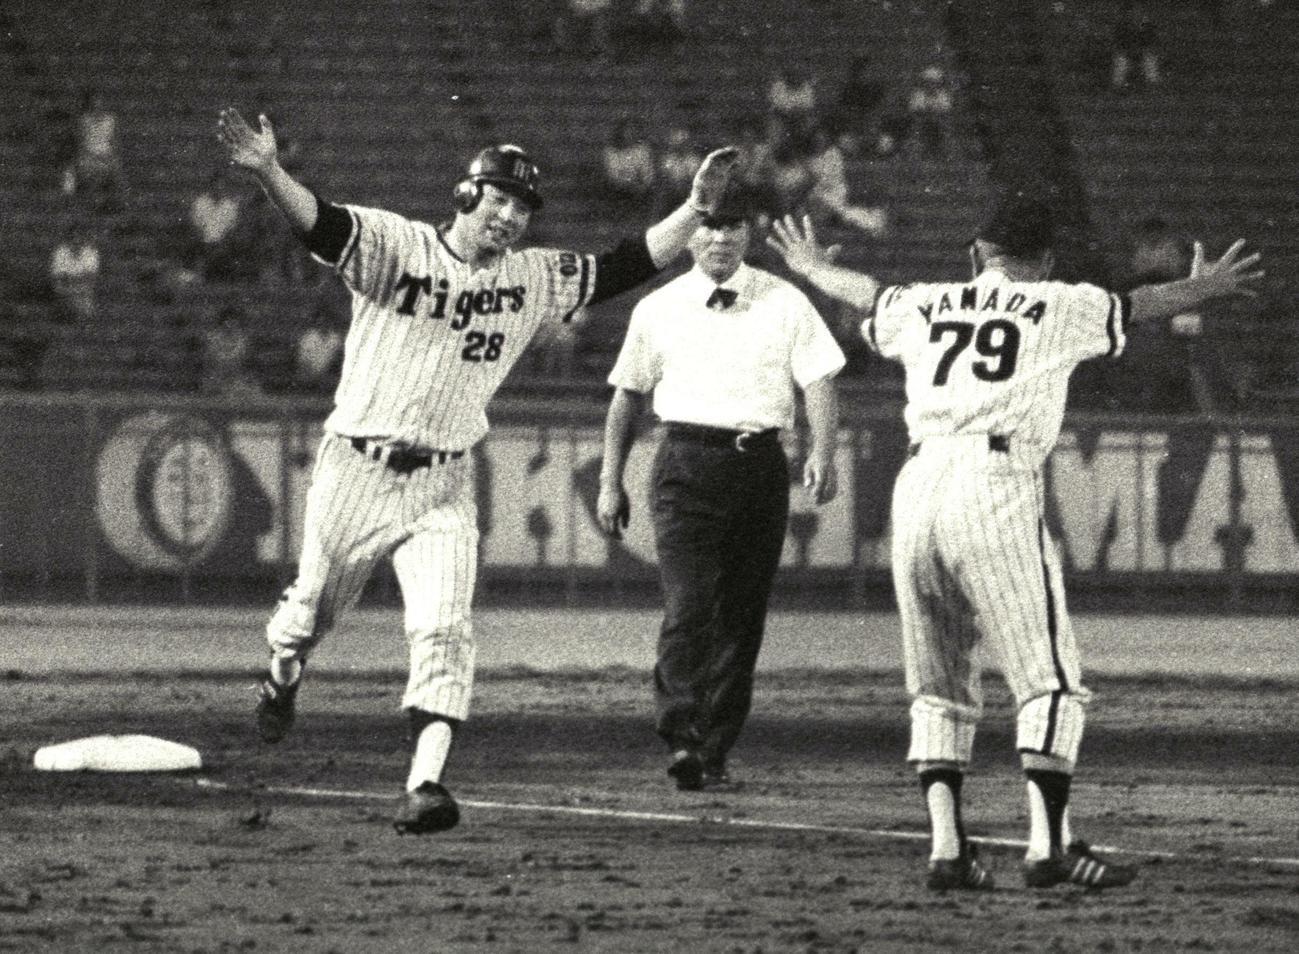 73年8月、11回裏、江夏は右翼へサヨナラ本塁打を放ち、三塁ベースをまわり両手を広げる